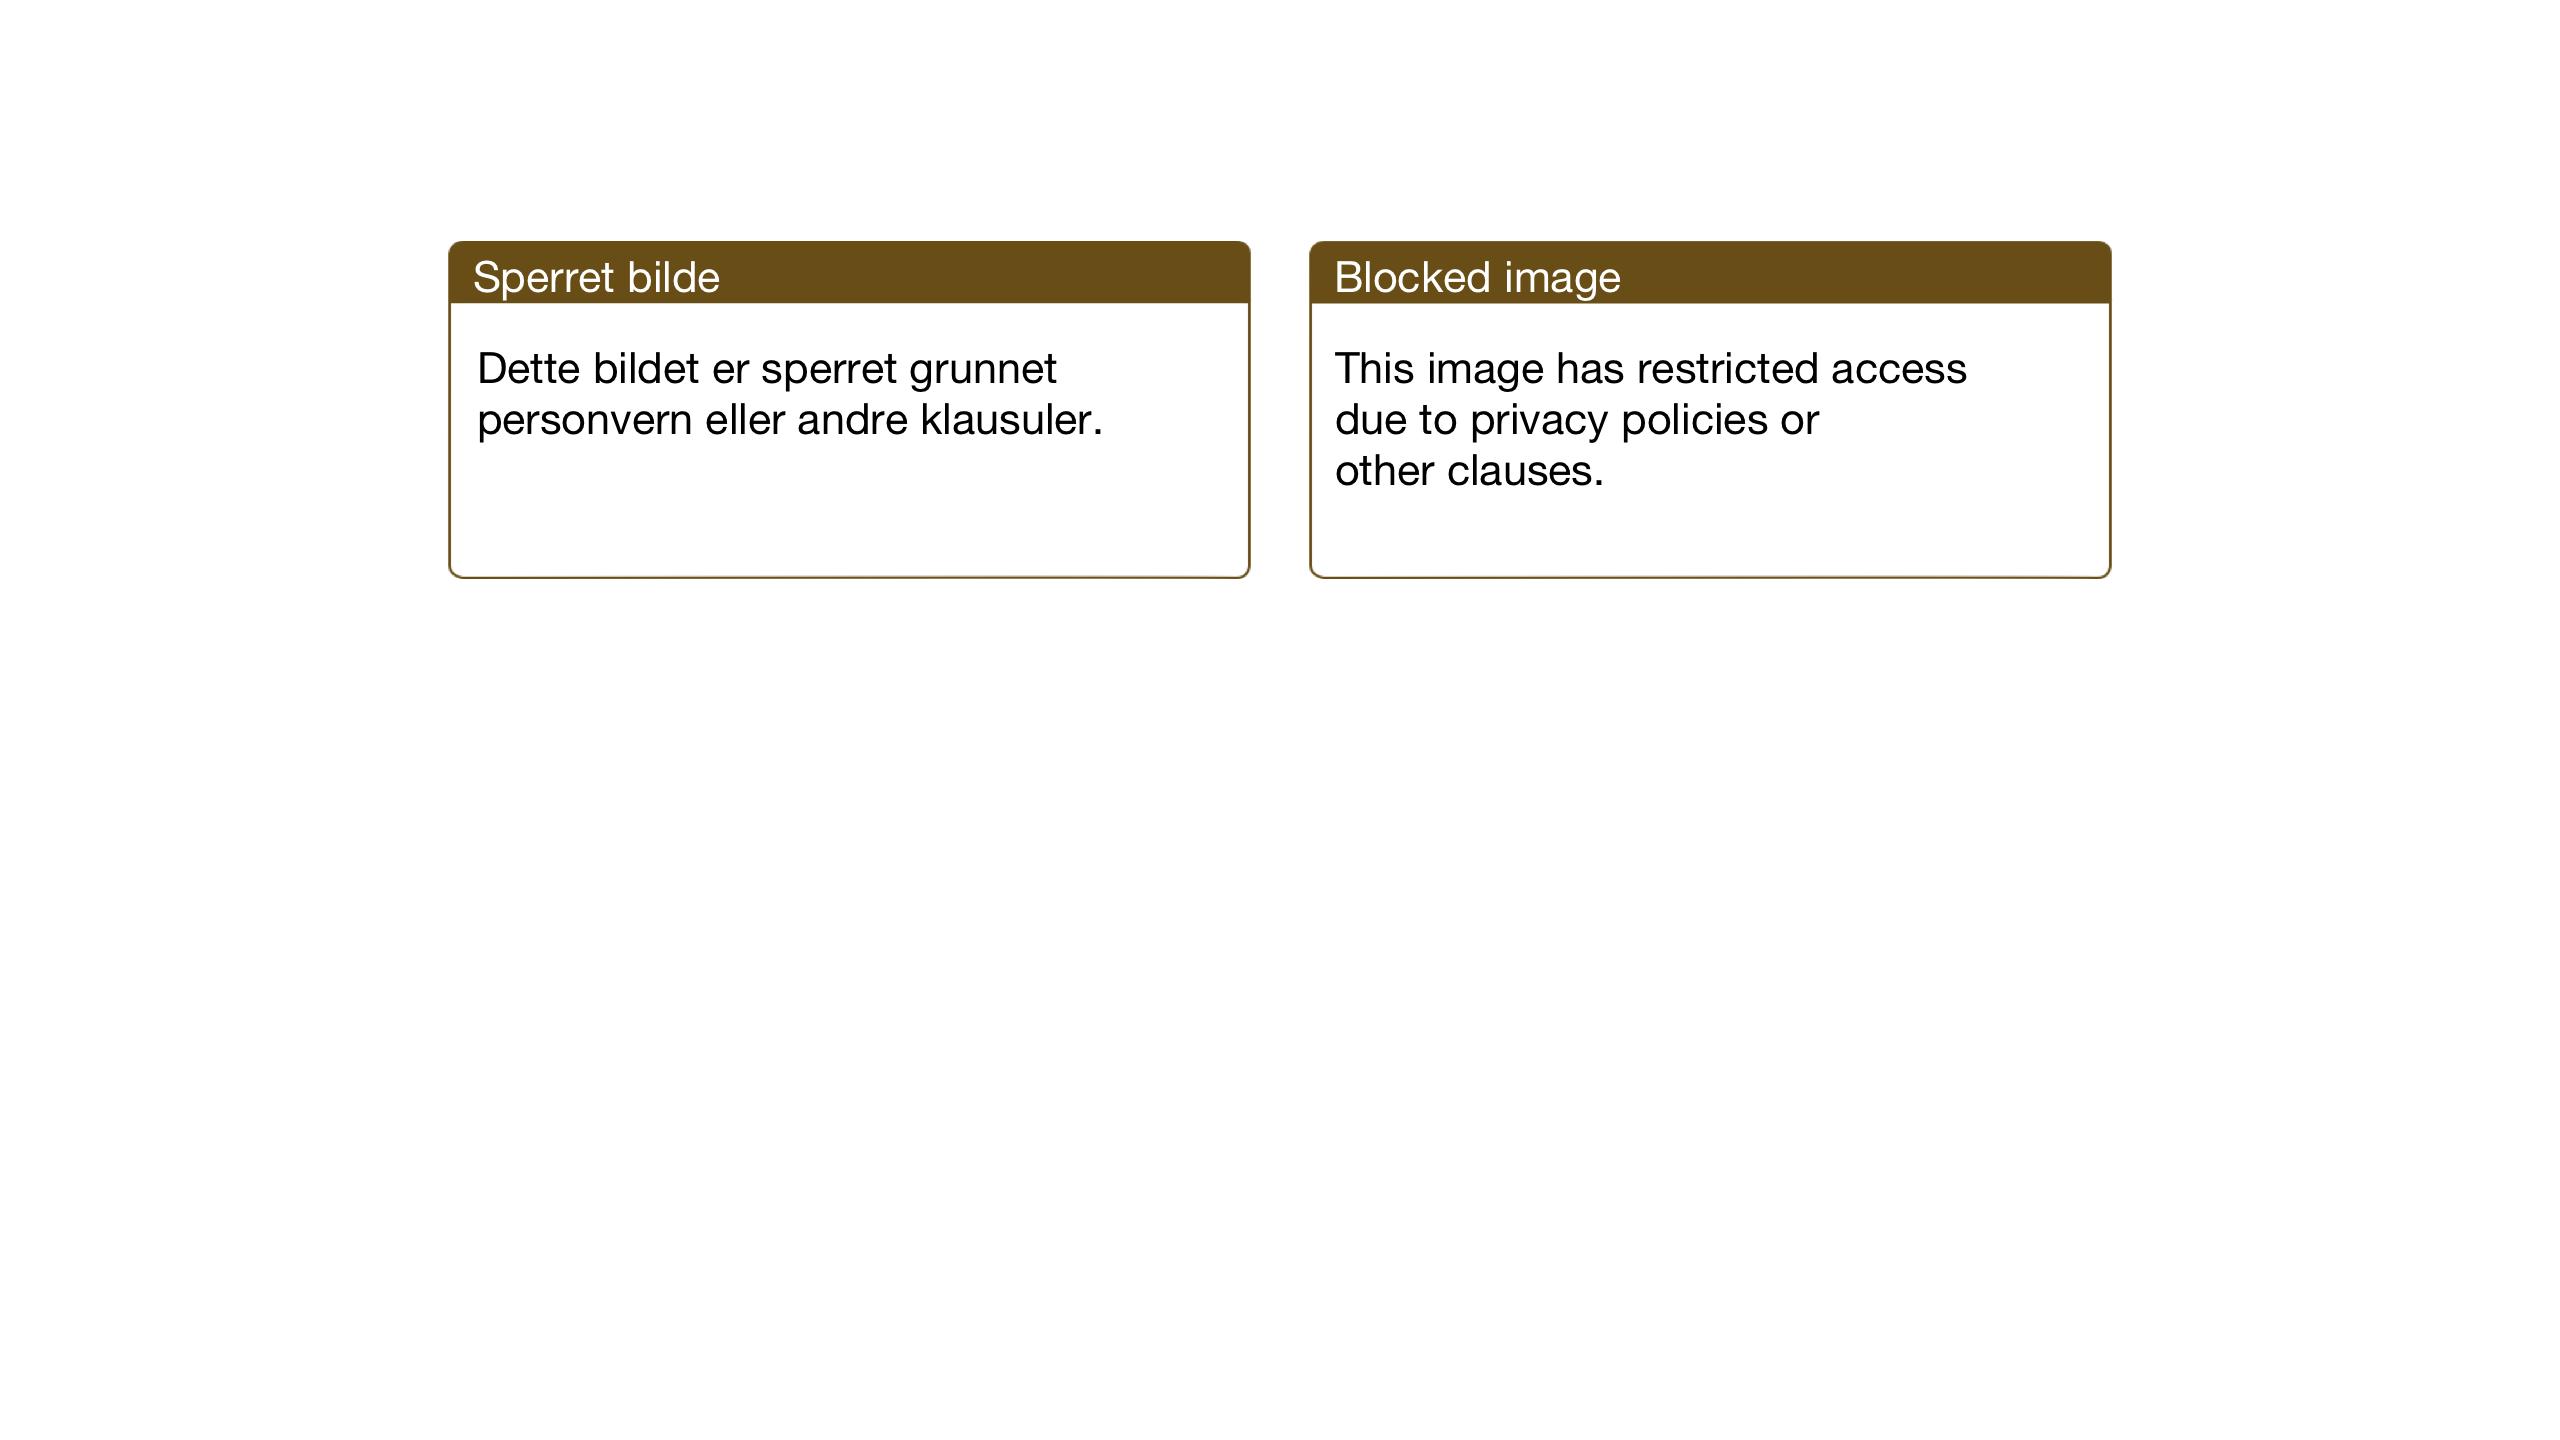 SAT, Ministerialprotokoller, klokkerbøker og fødselsregistre - Sør-Trøndelag, 640/L0590: Klokkerbok nr. 640C07, 1935-1948, s. 8